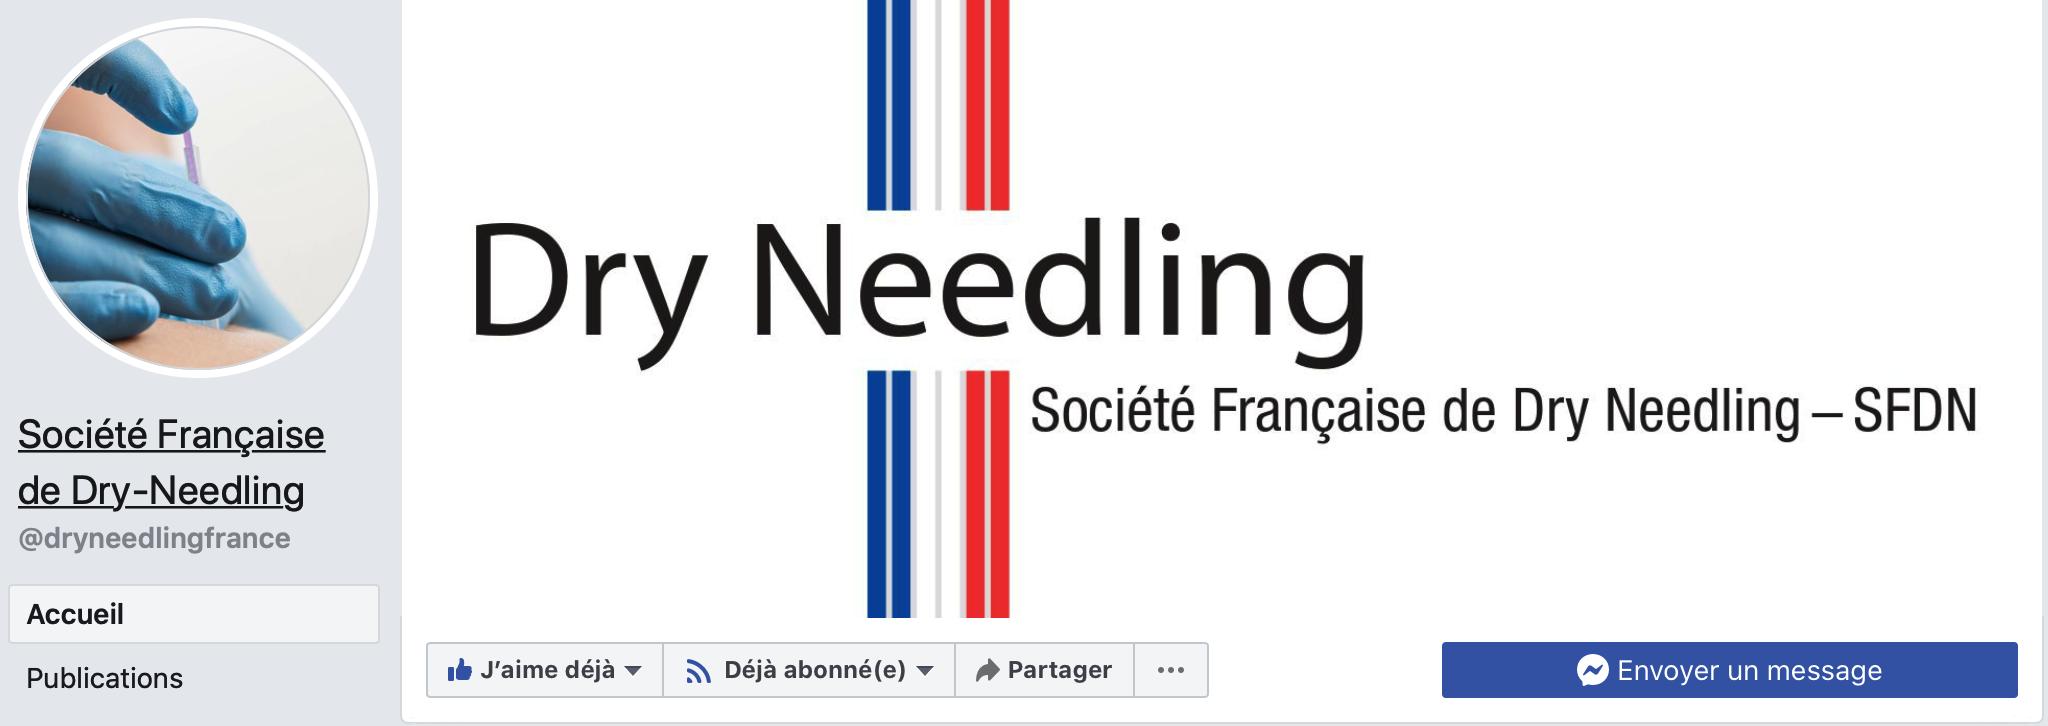 Société Française de dry-needling